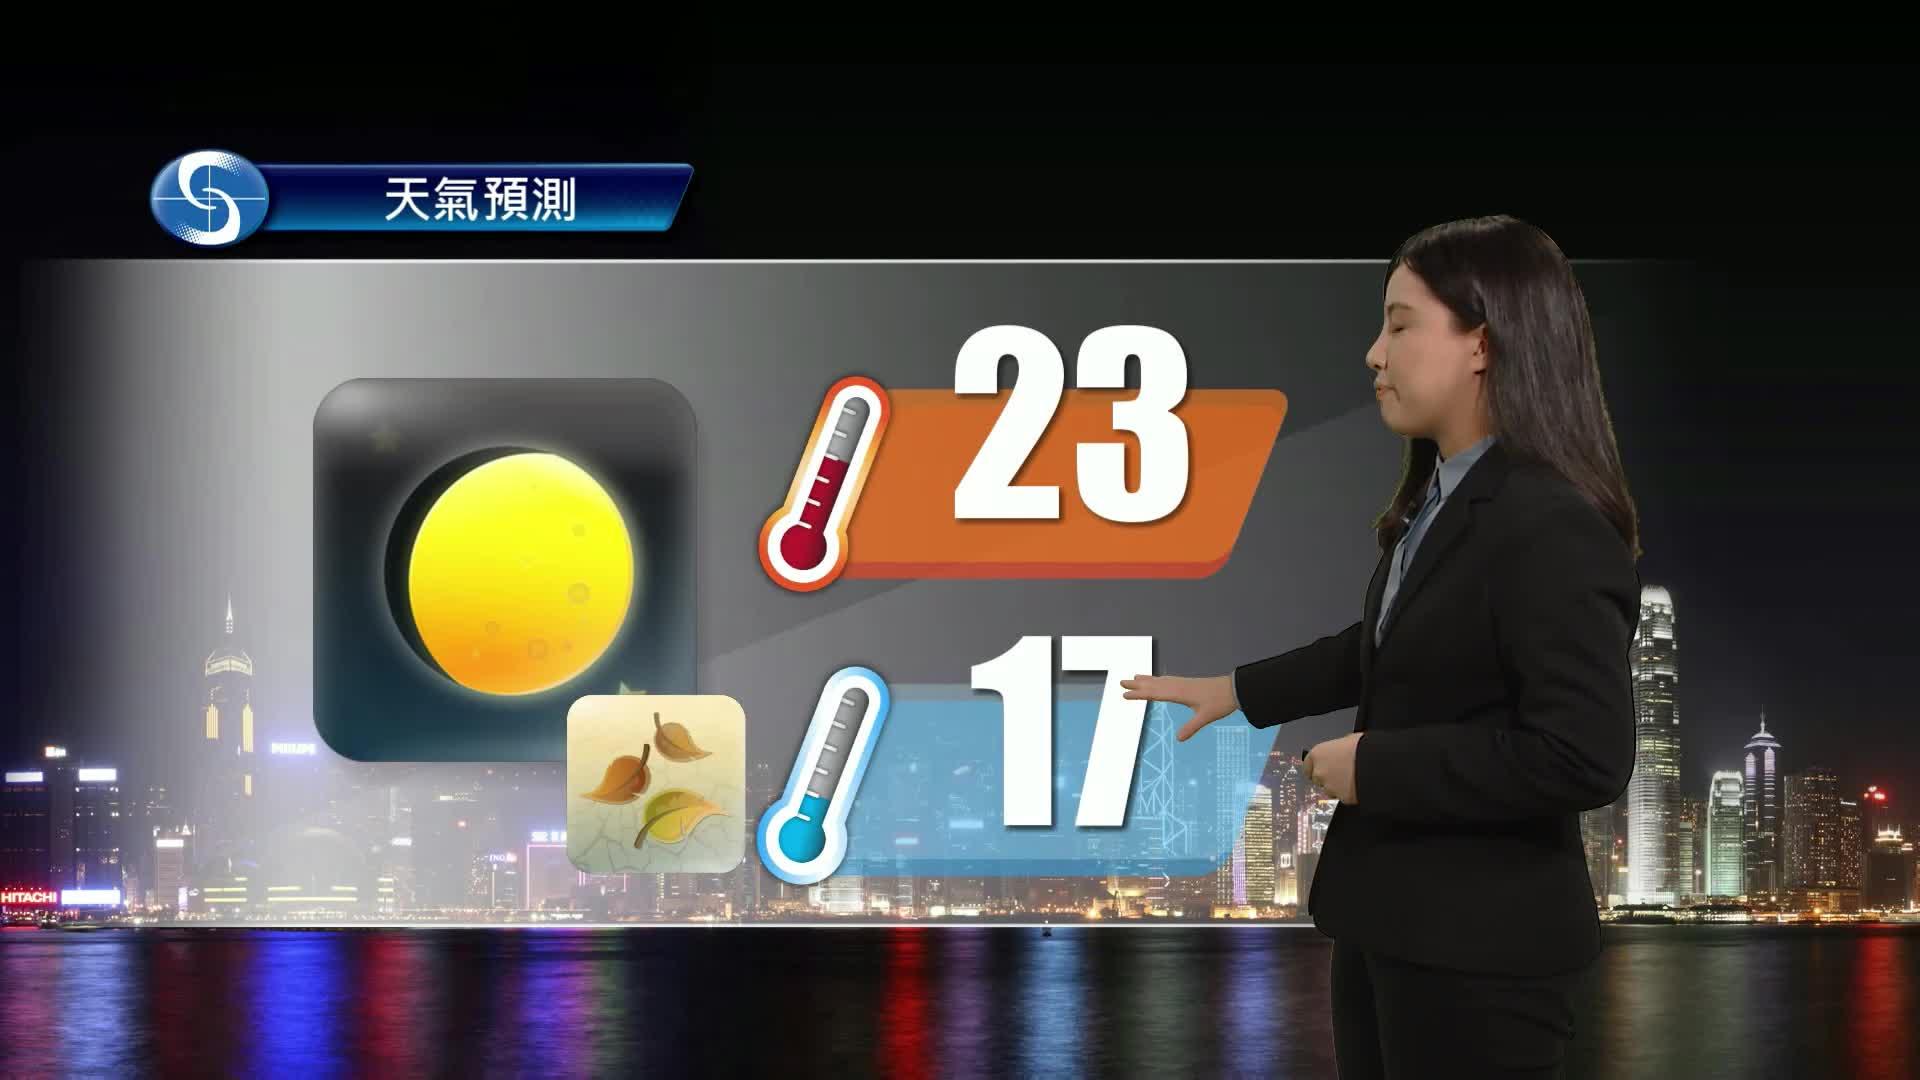 黃昏天氣節目(01月25日下午6時) - 科學主任伍楚穎